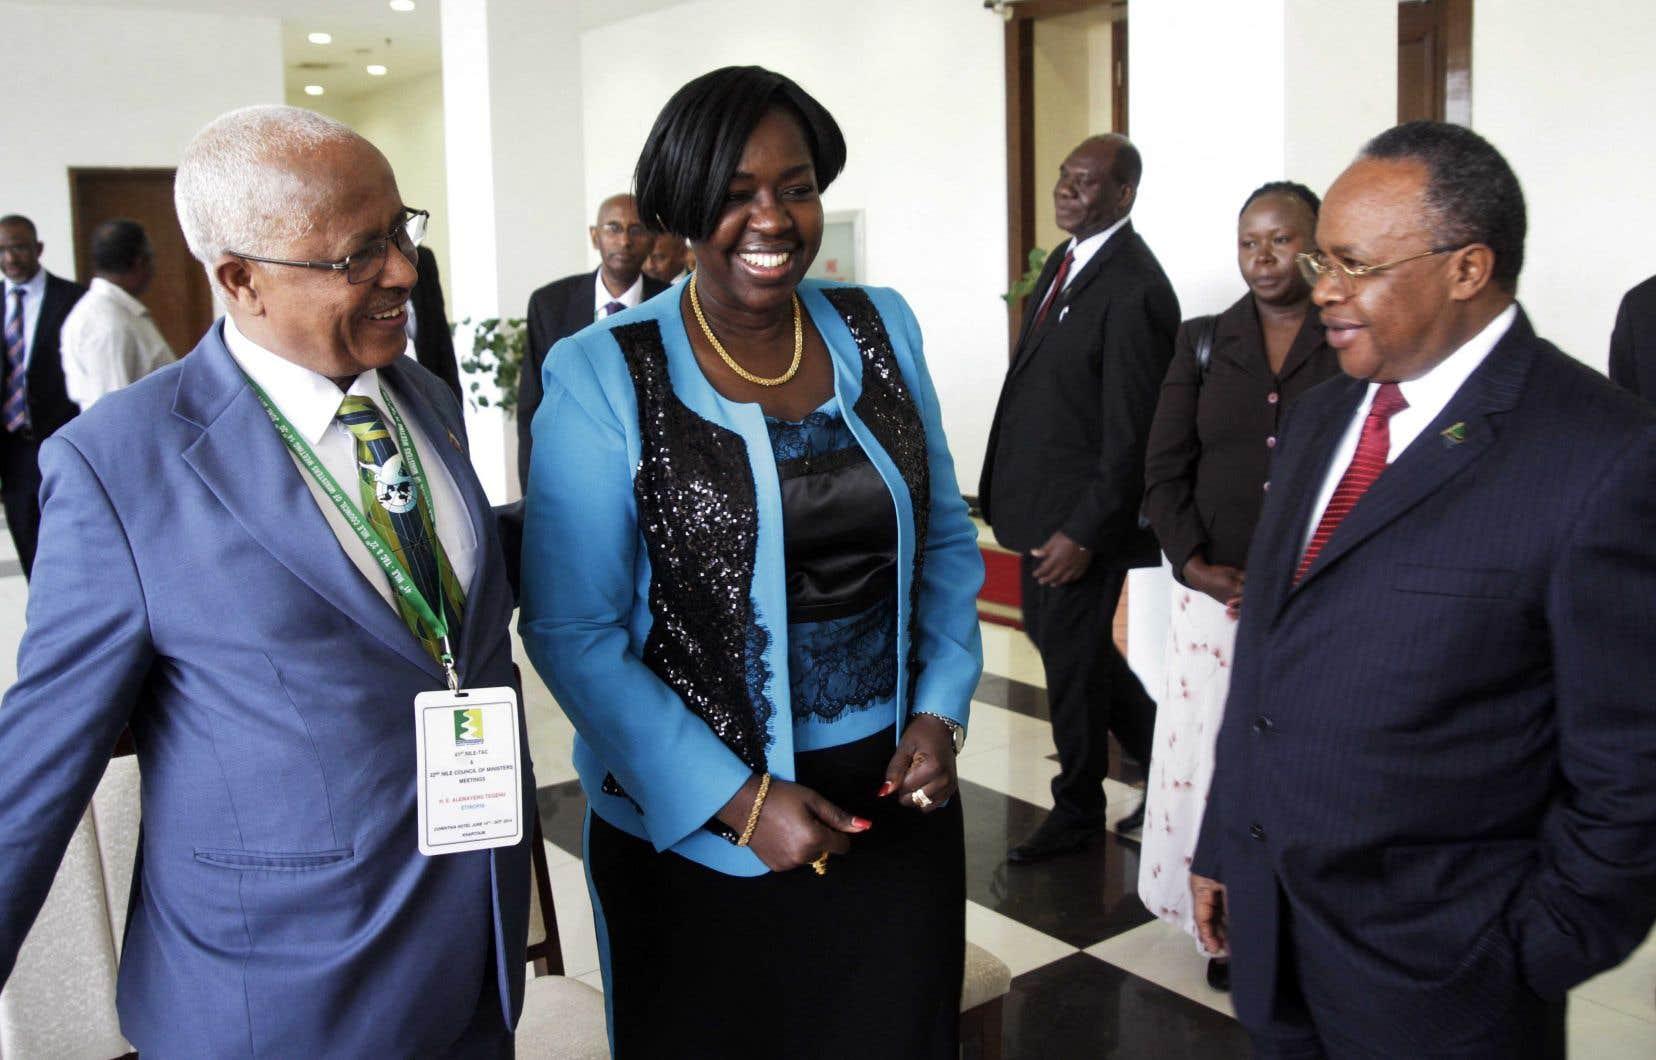 Mme Kumba a rejoint au début des années 90 les rebelles du SPLM dans la guerre civile qui les opposaient à Khartoum.Elle a ensuite activement milité au sein du parti puis a participé aux négociations de paix entre le SPLM et le gouvernement soudanais, alors dirigé par Omar el-Béchir.